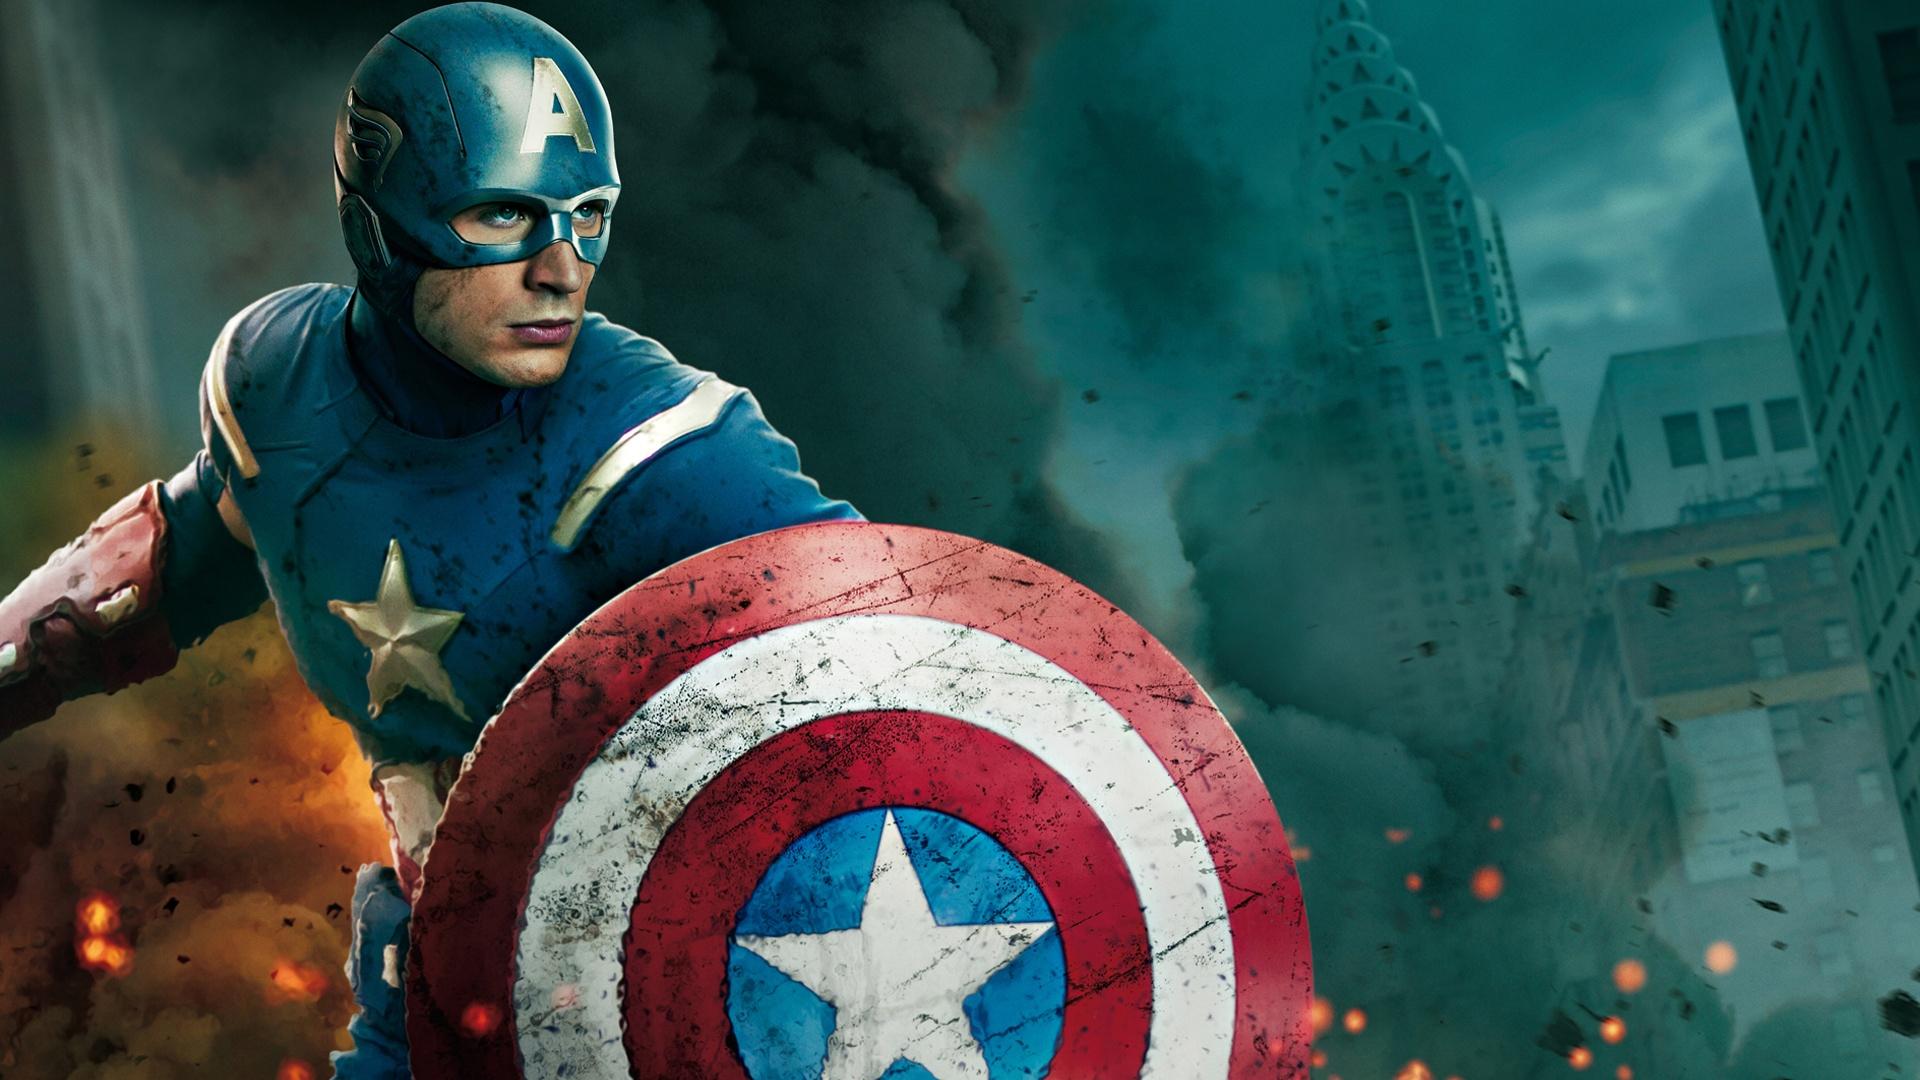 48+ Captain America HD Wallpapers 1080p on WallpaperSafari